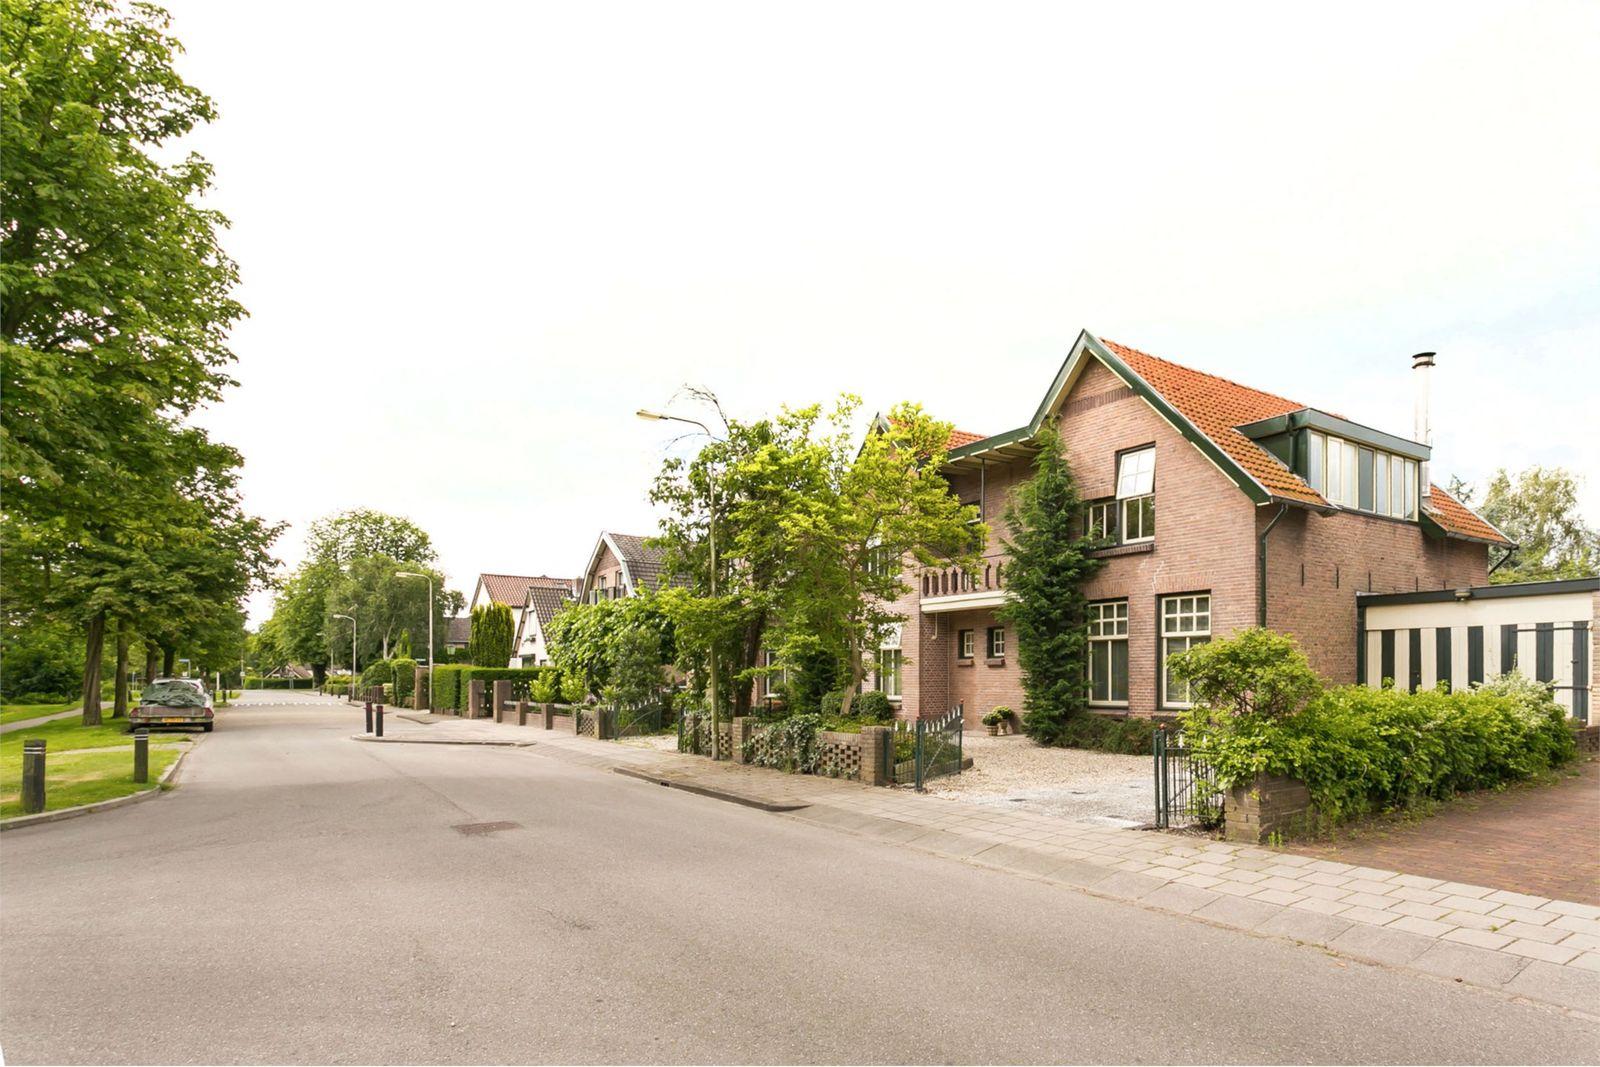 Stationsweg 12, Geldermalsen